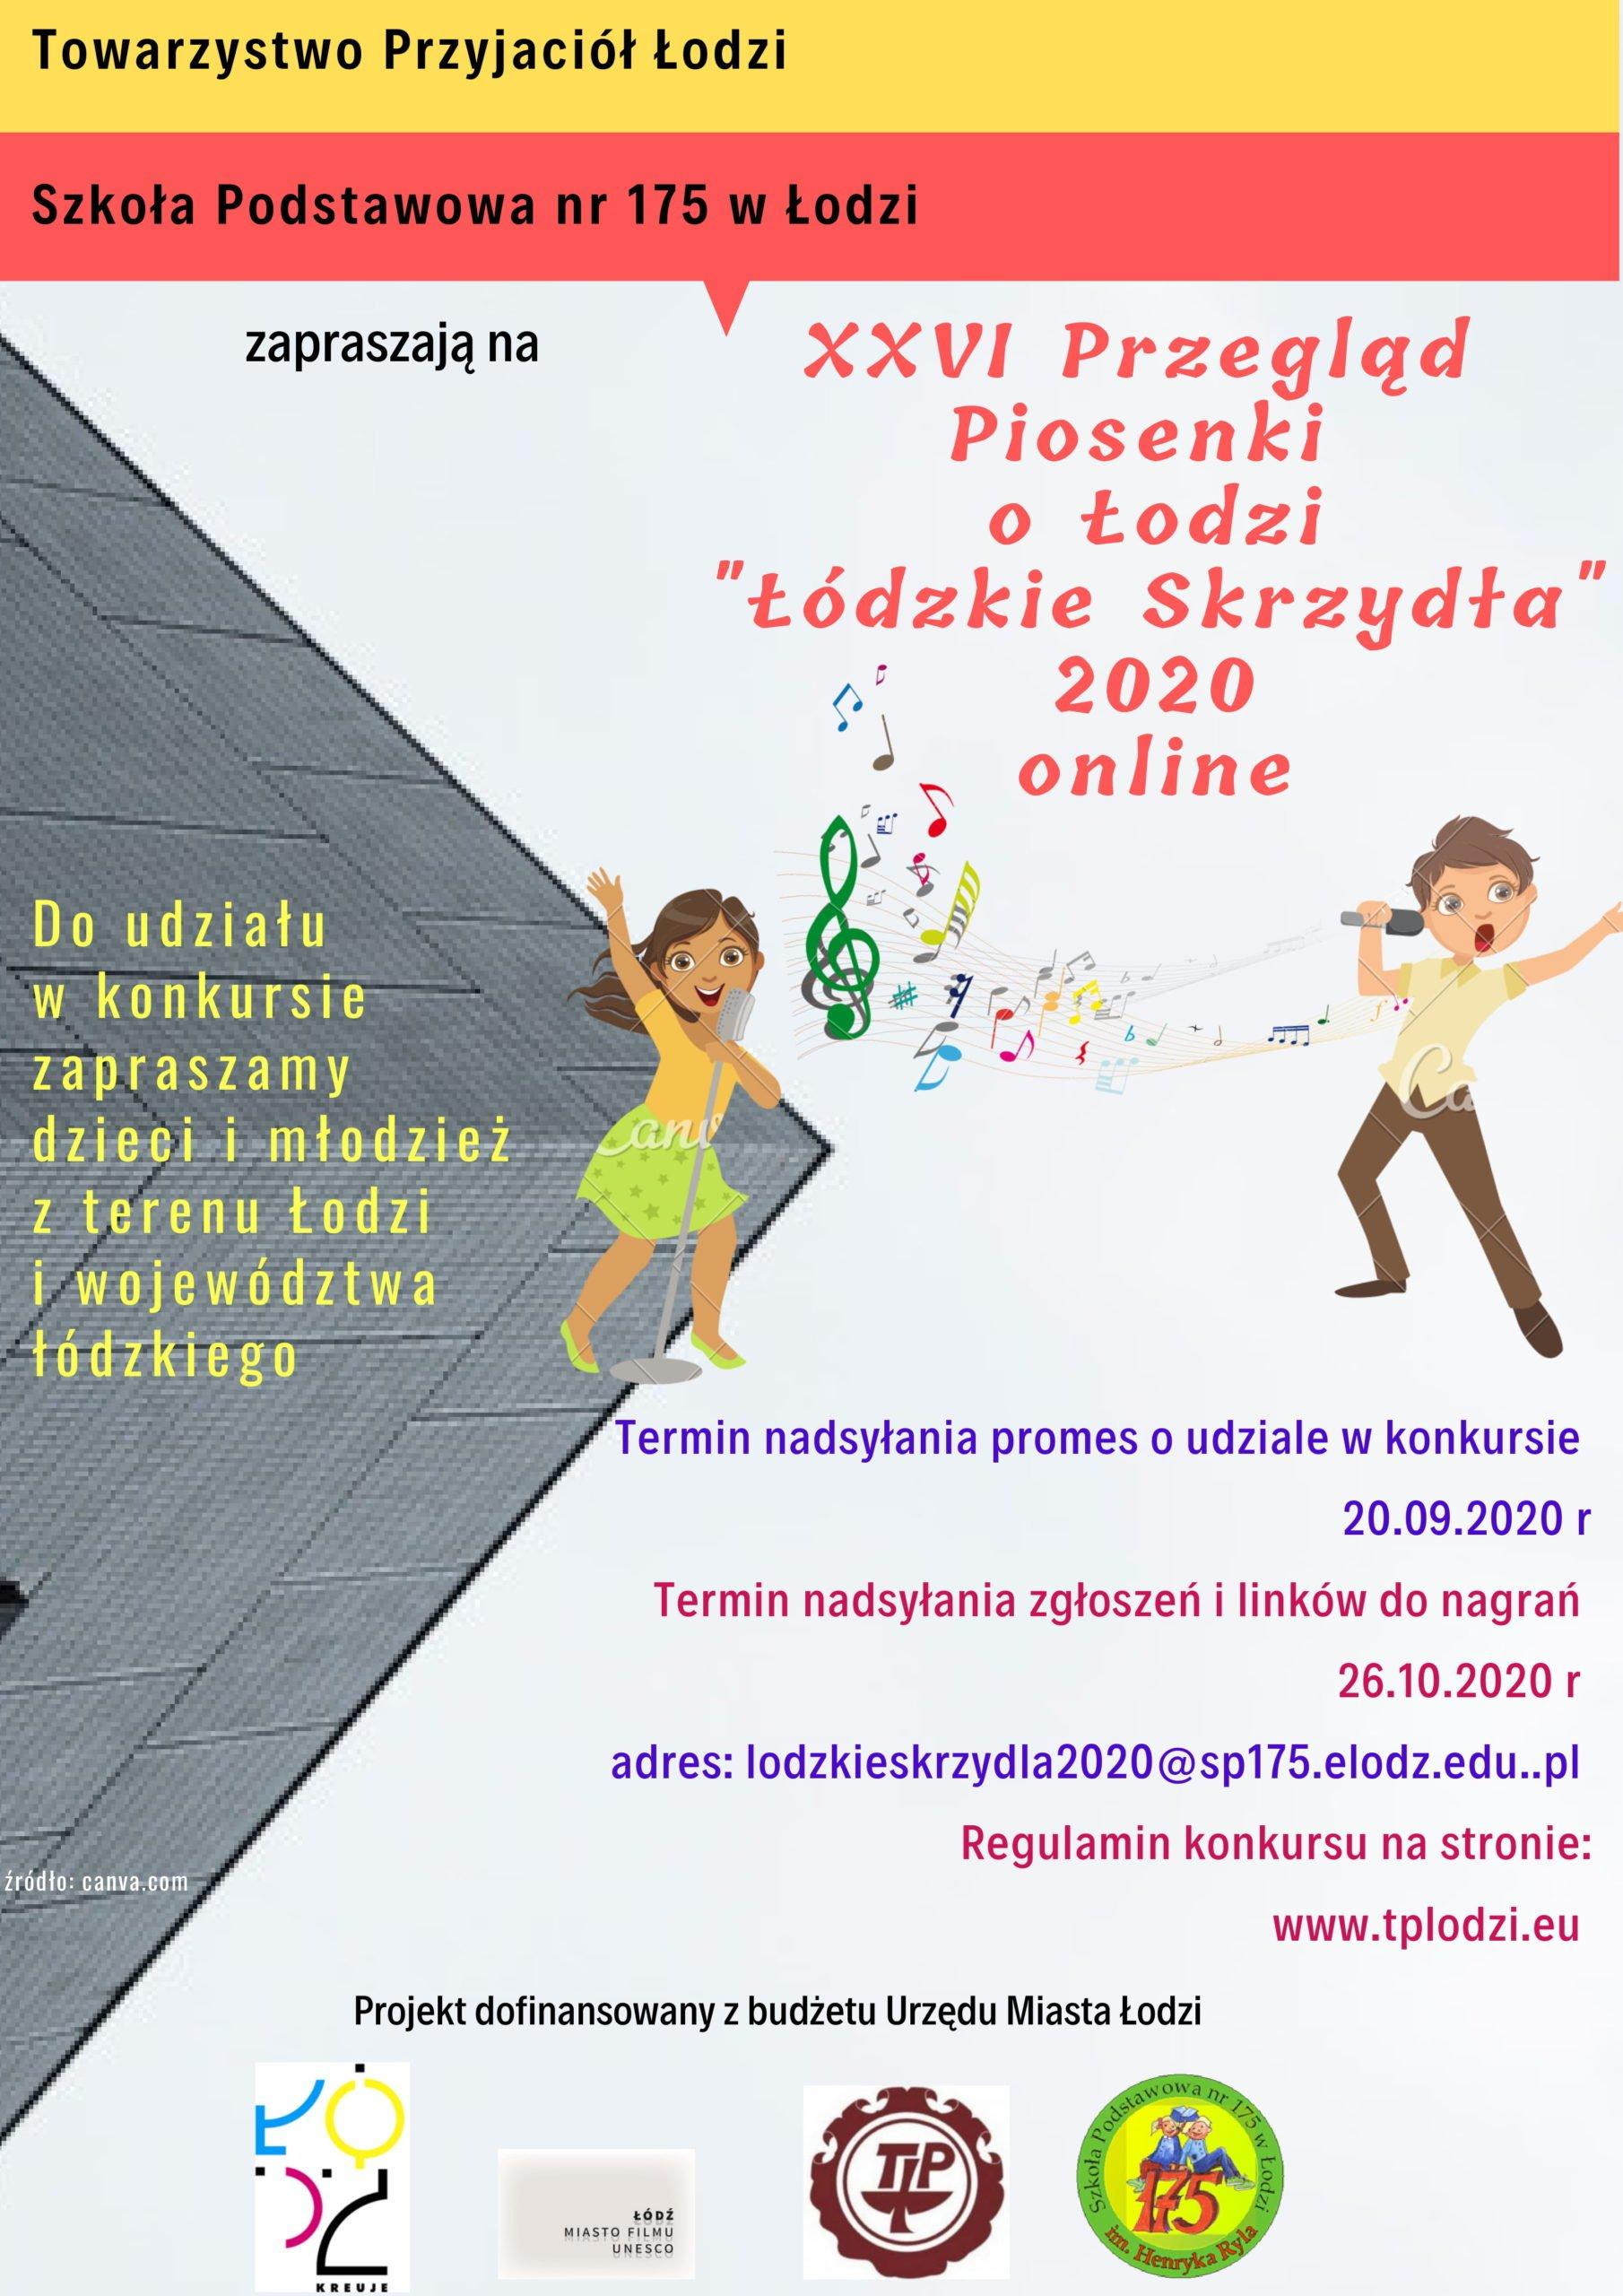 XXVI Przegląd Piosenki o Łodzi: Łódzkie Skrzydła 2020 online